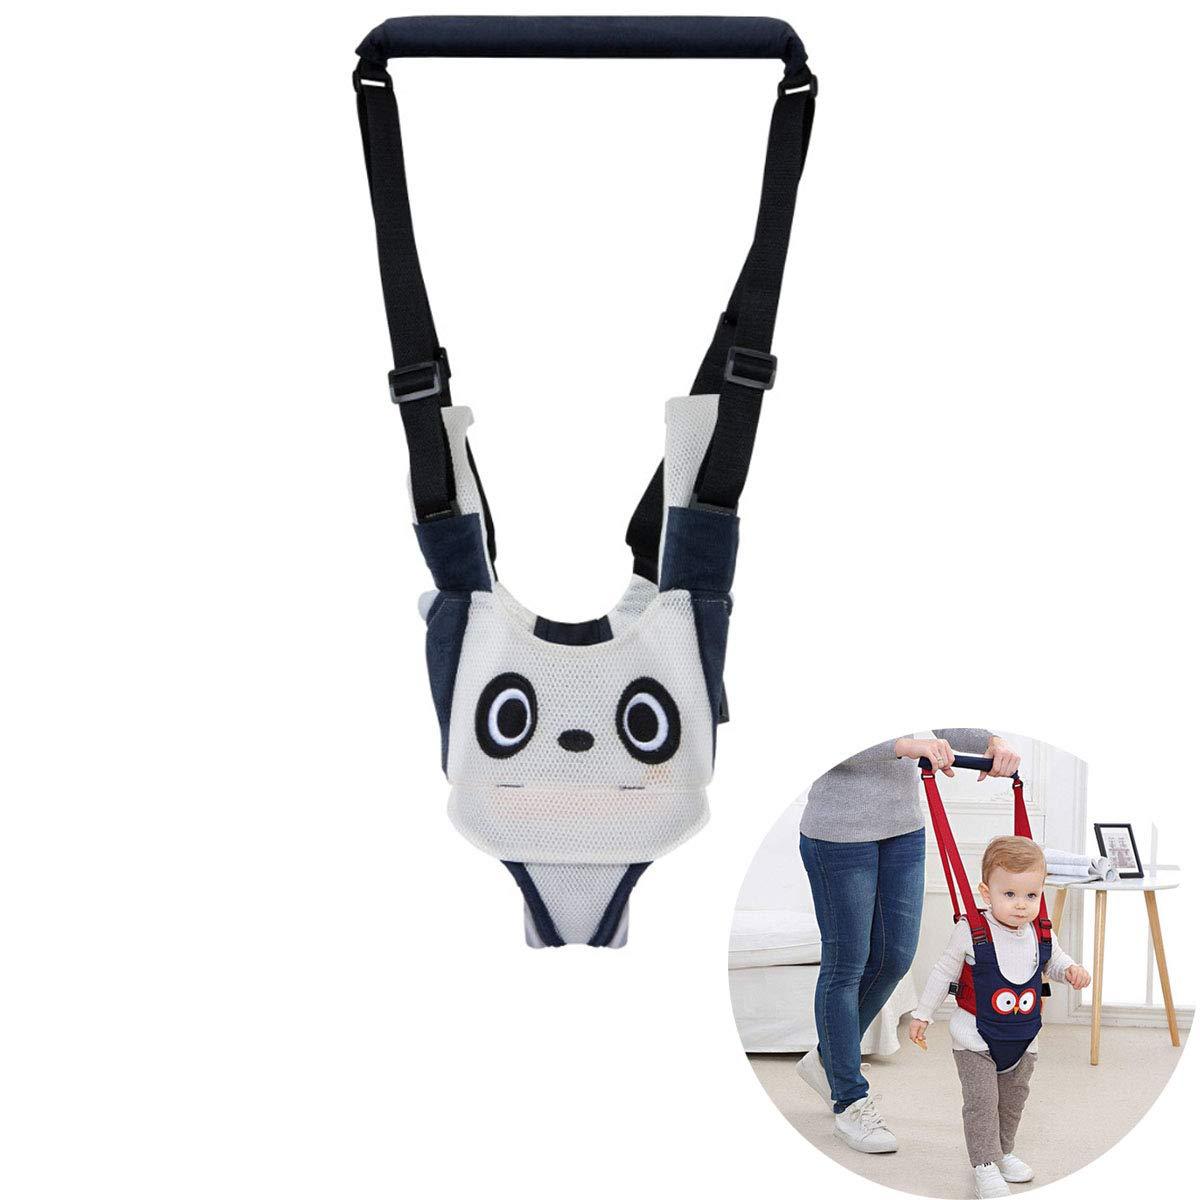 Panda TANGGER Lauflernhilfe Gehhilfe f/ür Baby,Baby Gehhilfe Jungen und M/ädchen Atmungsaktive mit Sicherheitsverschluss Walker Sicherheitsleinen,Taillenumfang 54-70cm,Geeignet f/ür Babys 6-24 Monate